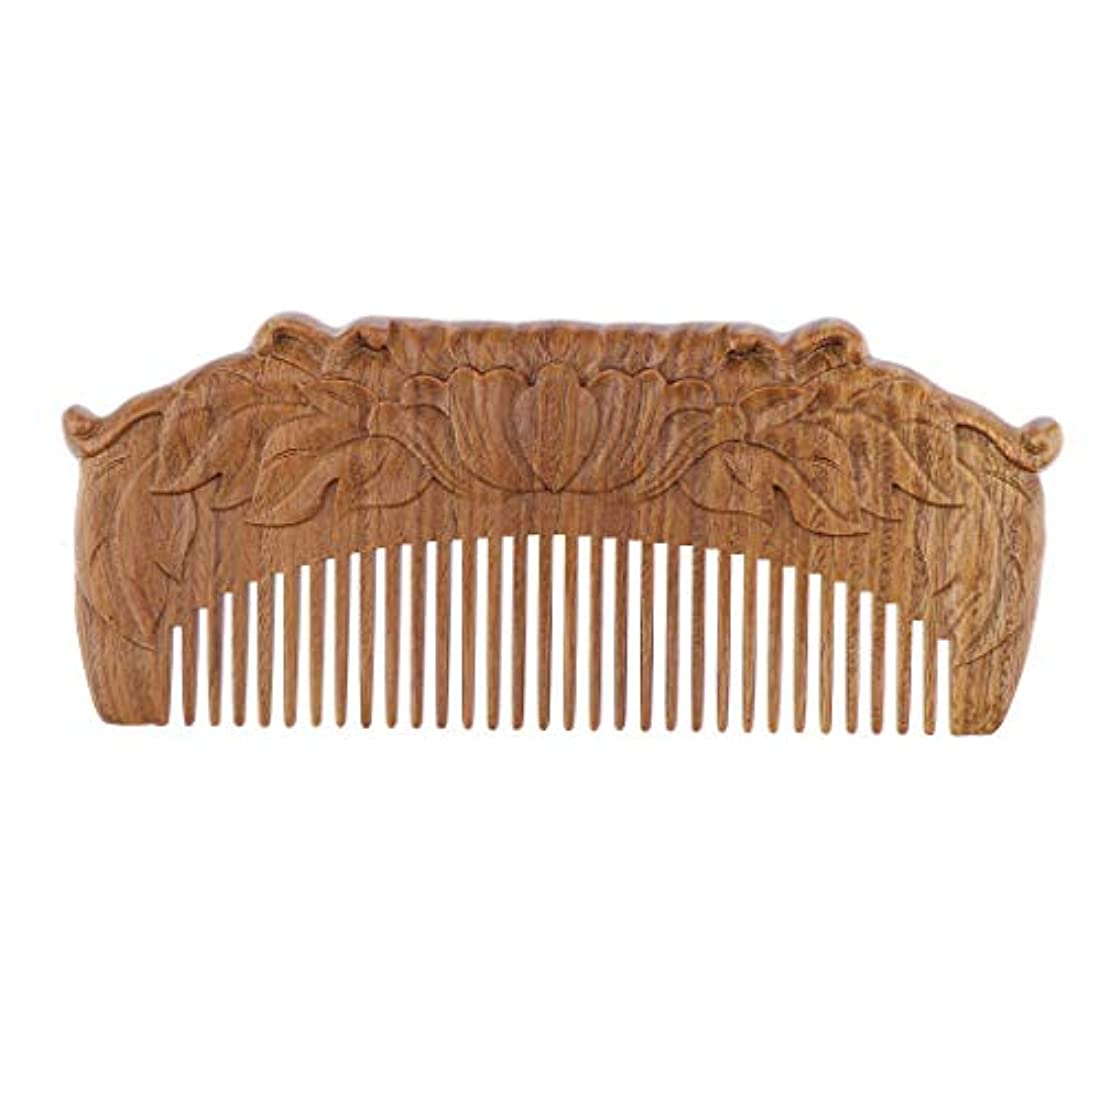 寄り添う学期流行しているB Blesiya 木製櫛 ヘアコーム ヘアブラシ 天然木 手作り プレゼント